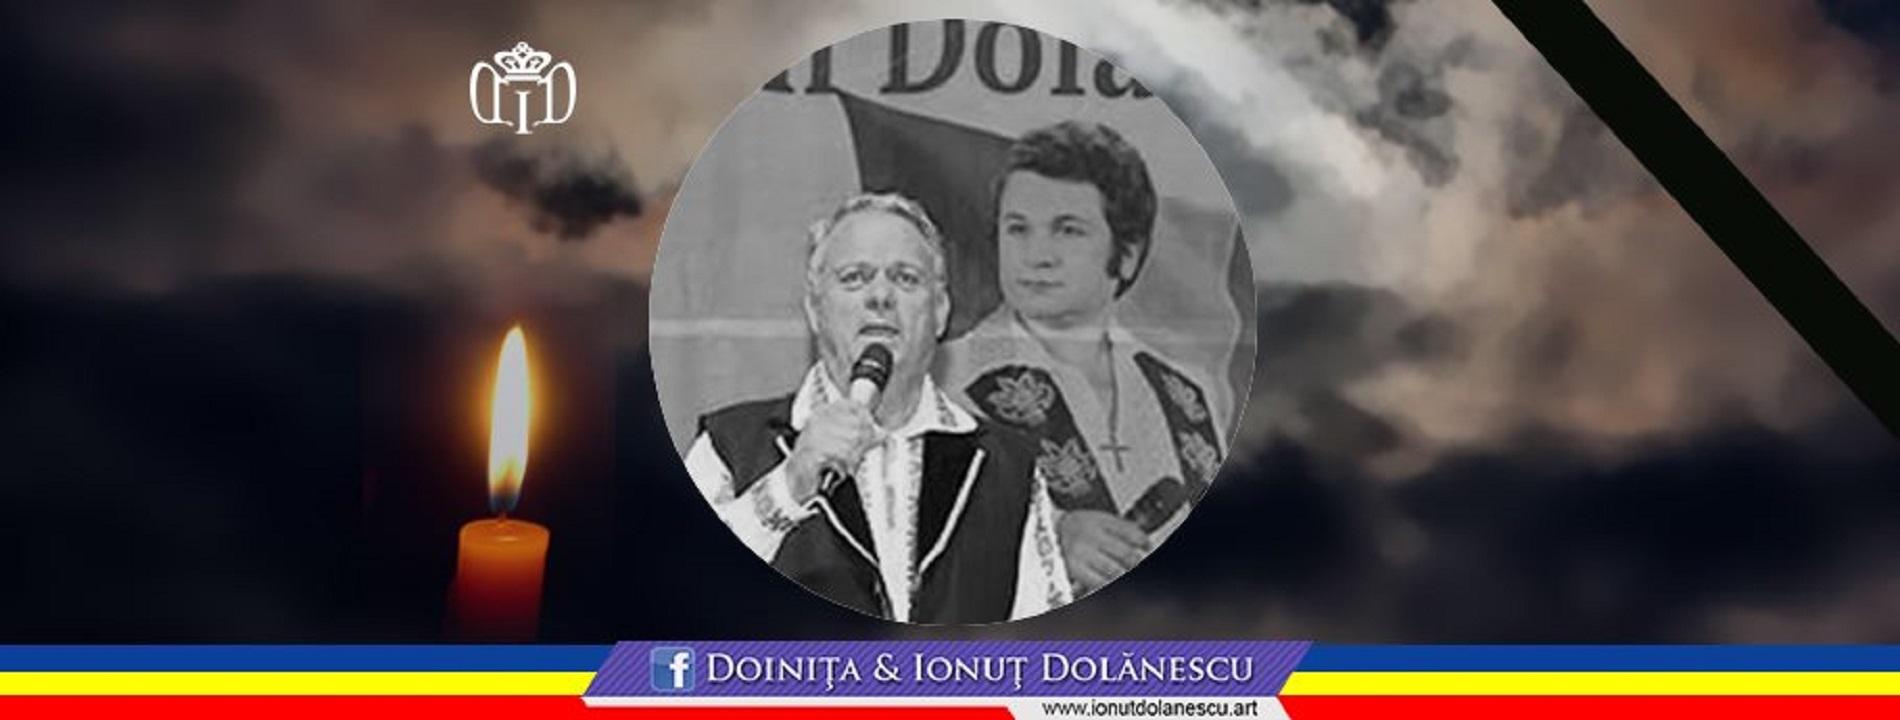 A murit Nicolae Dolănescu. Ionuț Dolănescu este în doliu